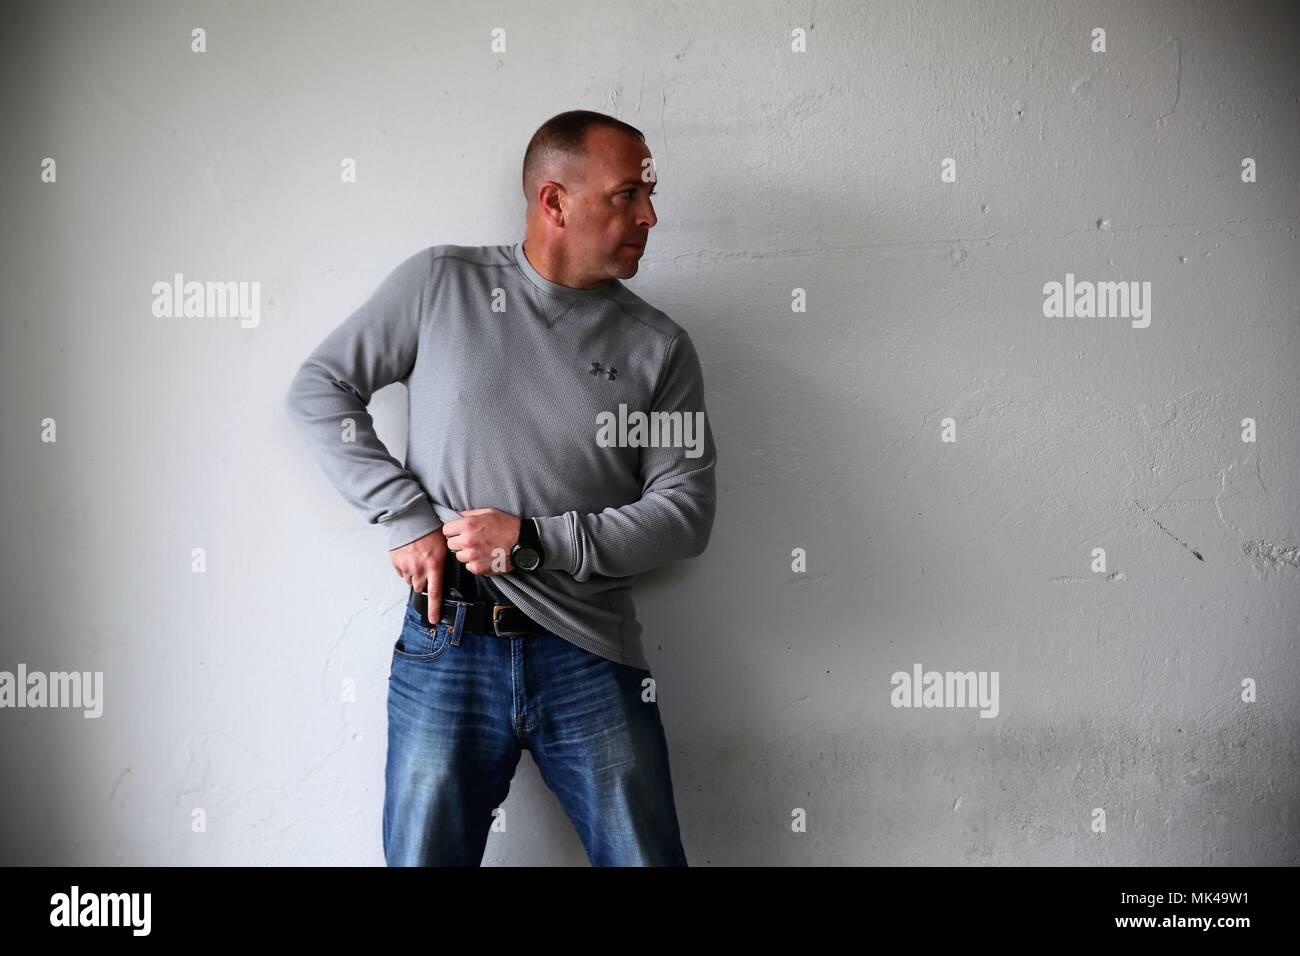 Lever Frame Stockfotos & Lever Frame Bilder - Alamy